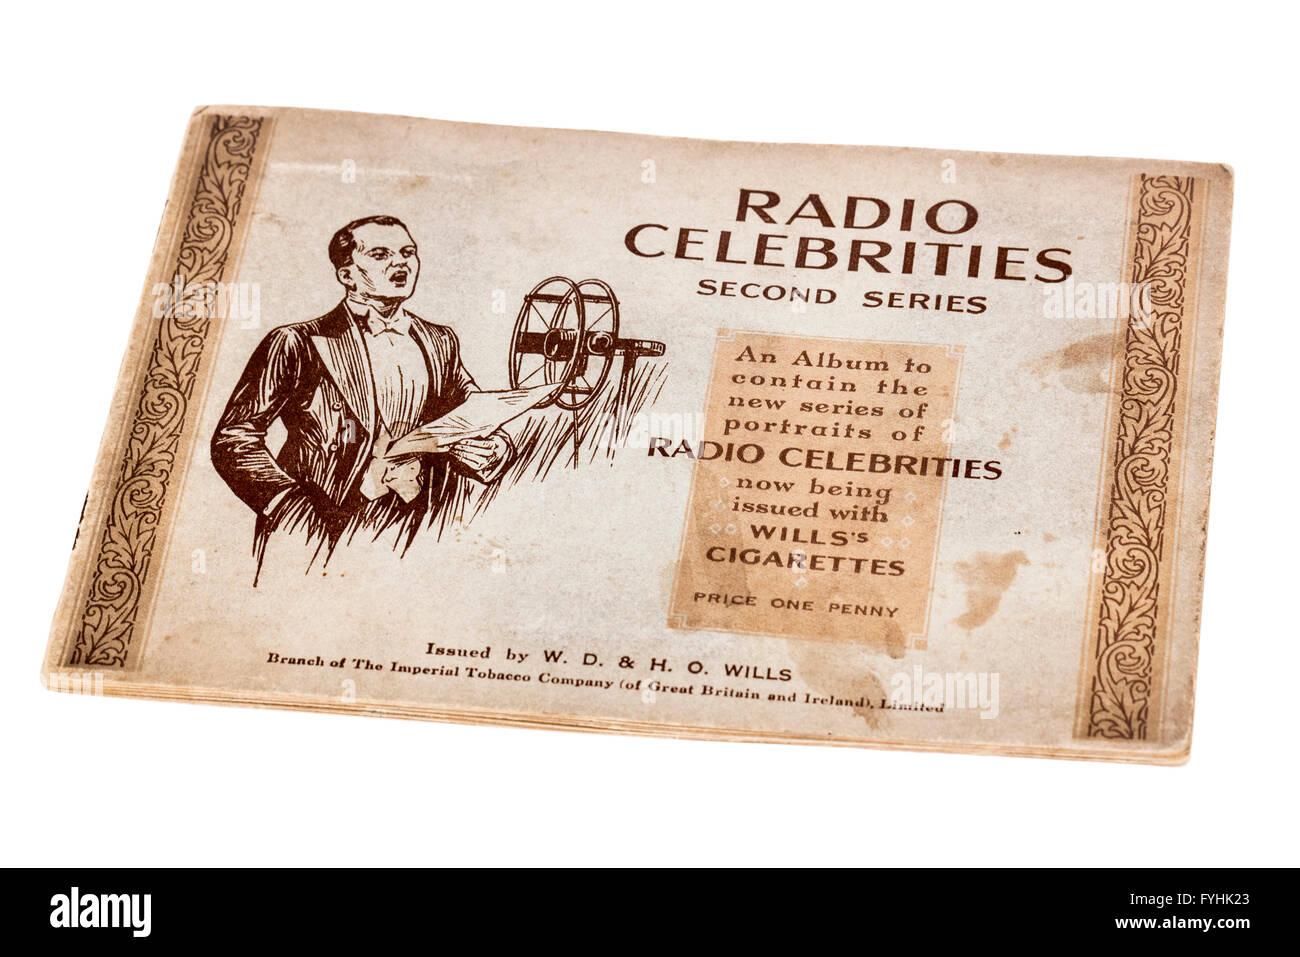 Wills Zigarette Card Buch von Radio-Stars Stockbild